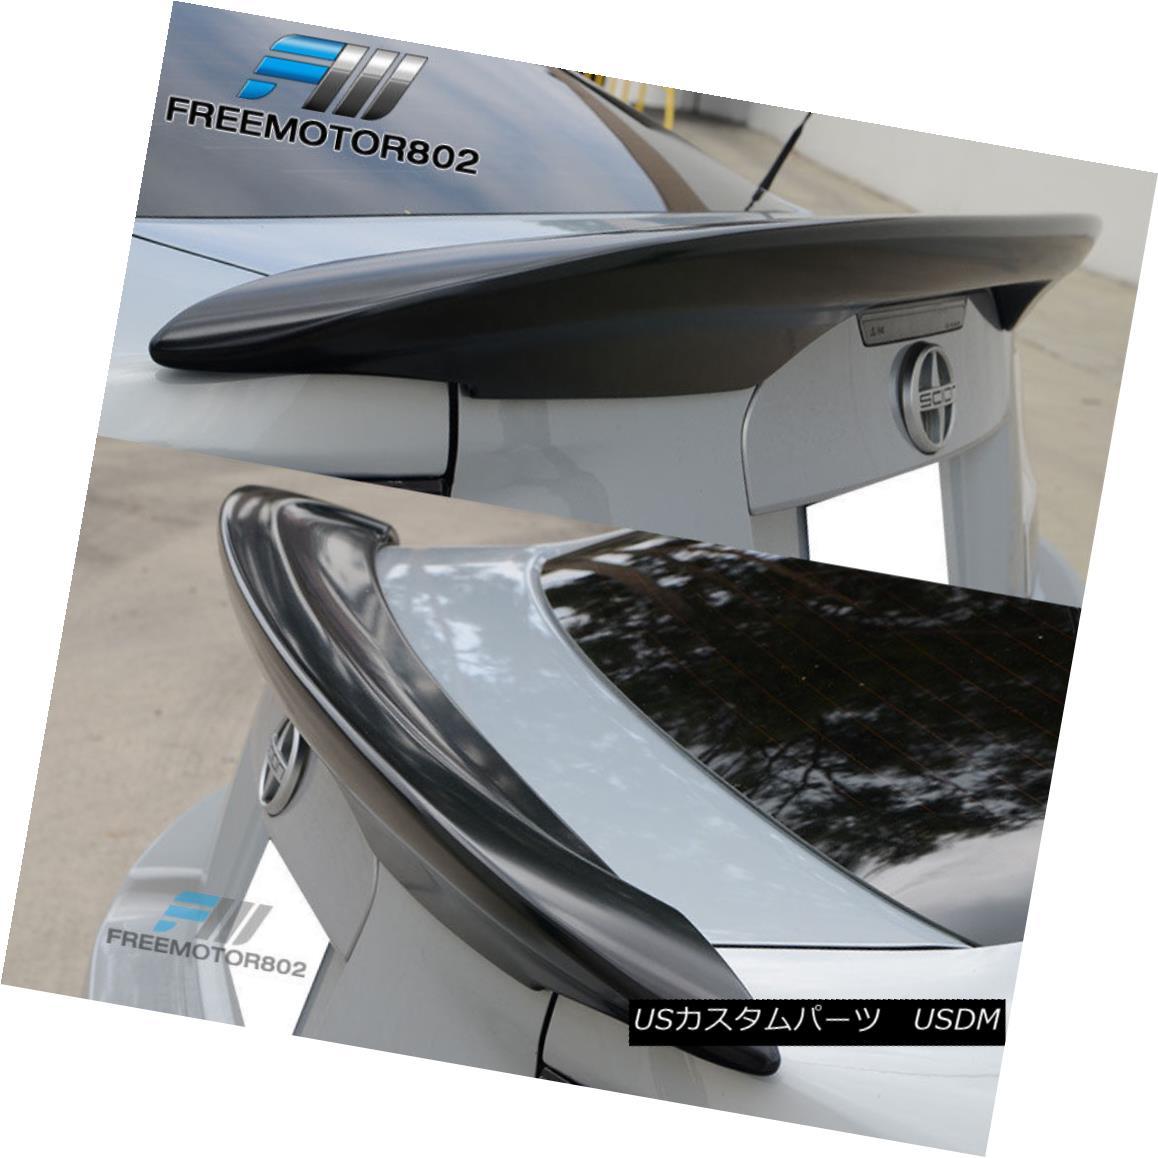 エアロパーツ For 11-16 Scion tC OE Style Rear Trunk Spoiler Wing Unpainted Matte Black 11-16シオン用tC OEスタイルリアトランクスポイラーウイング無塗装マットブラック